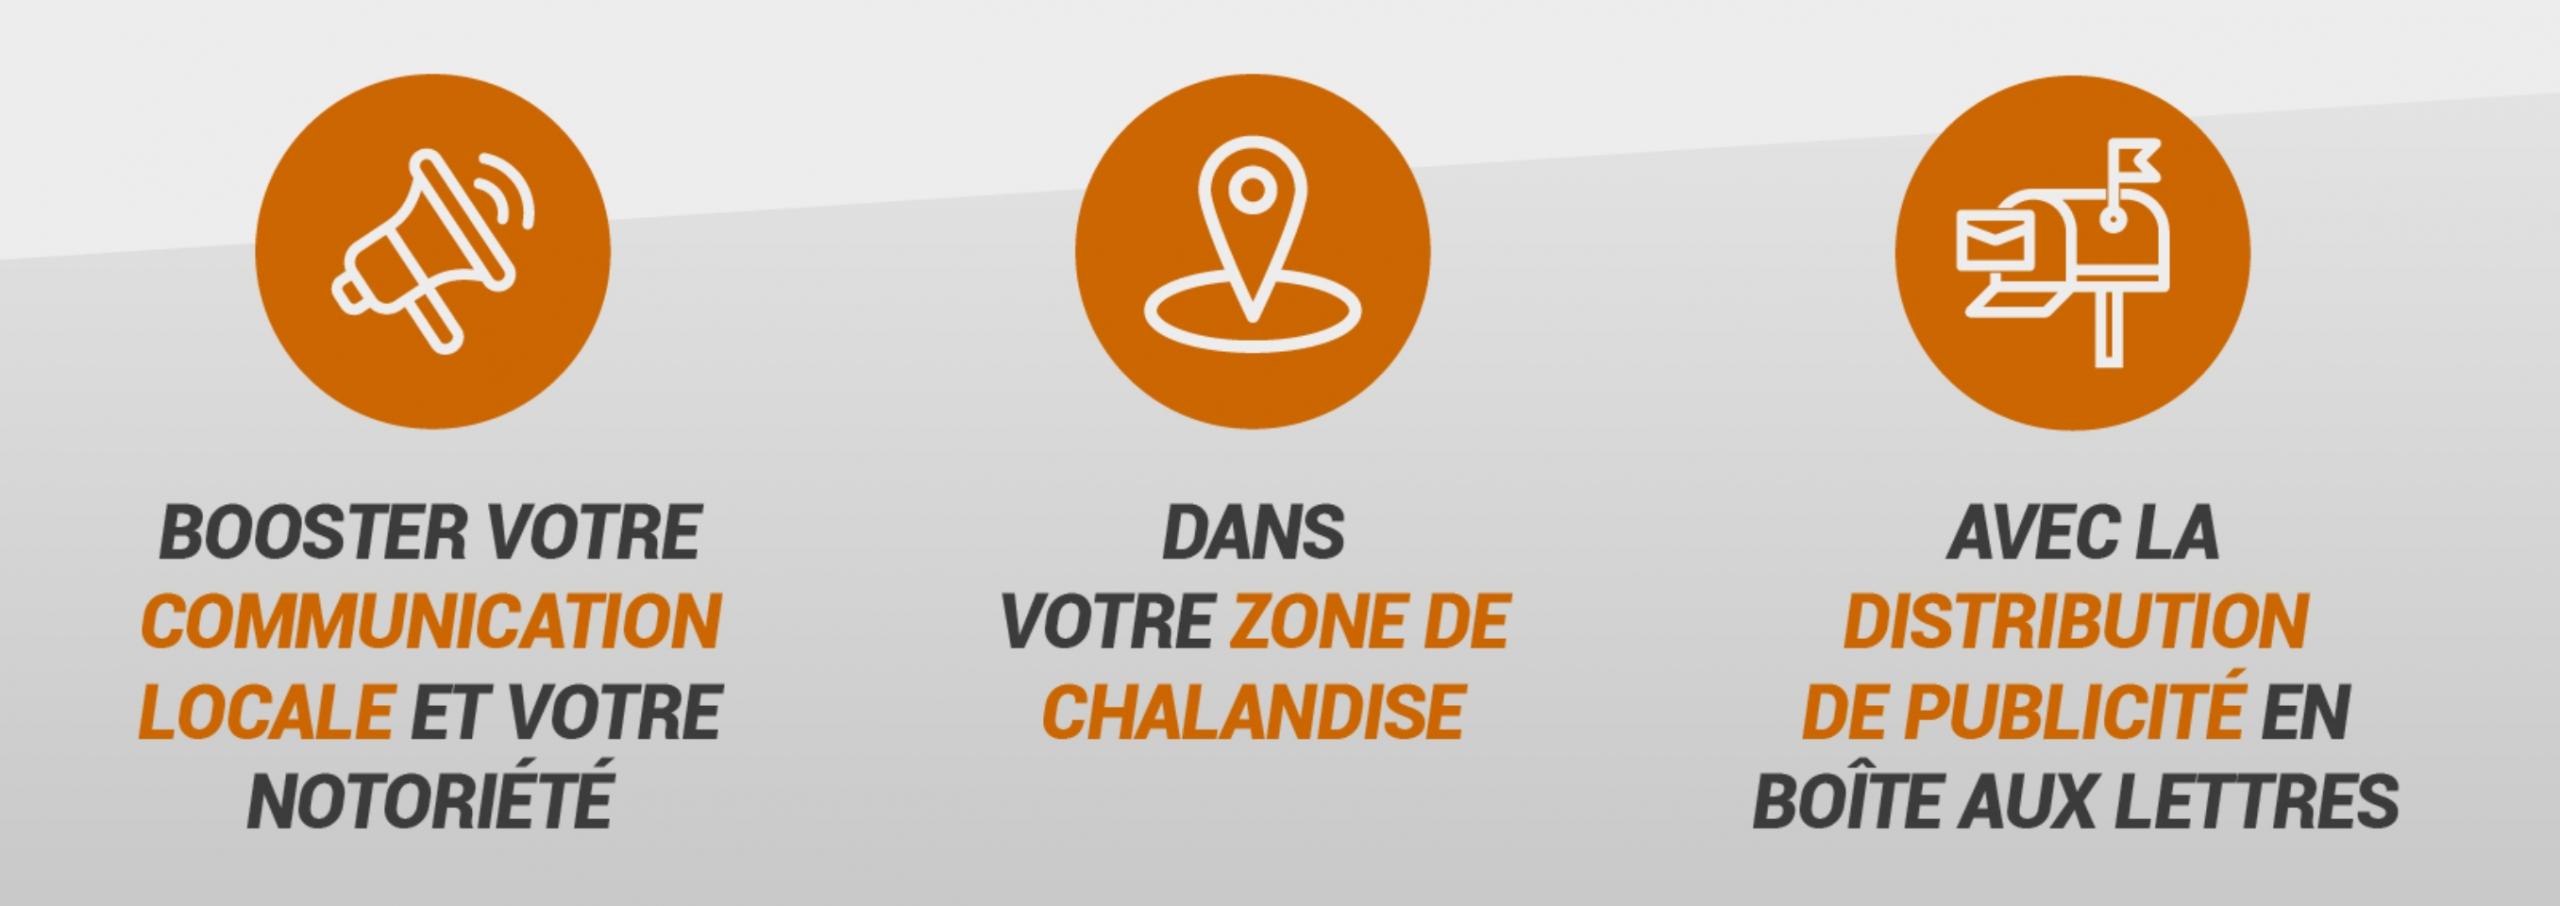 Fabrication et Distribution flyers Bordeaux Gironde 33